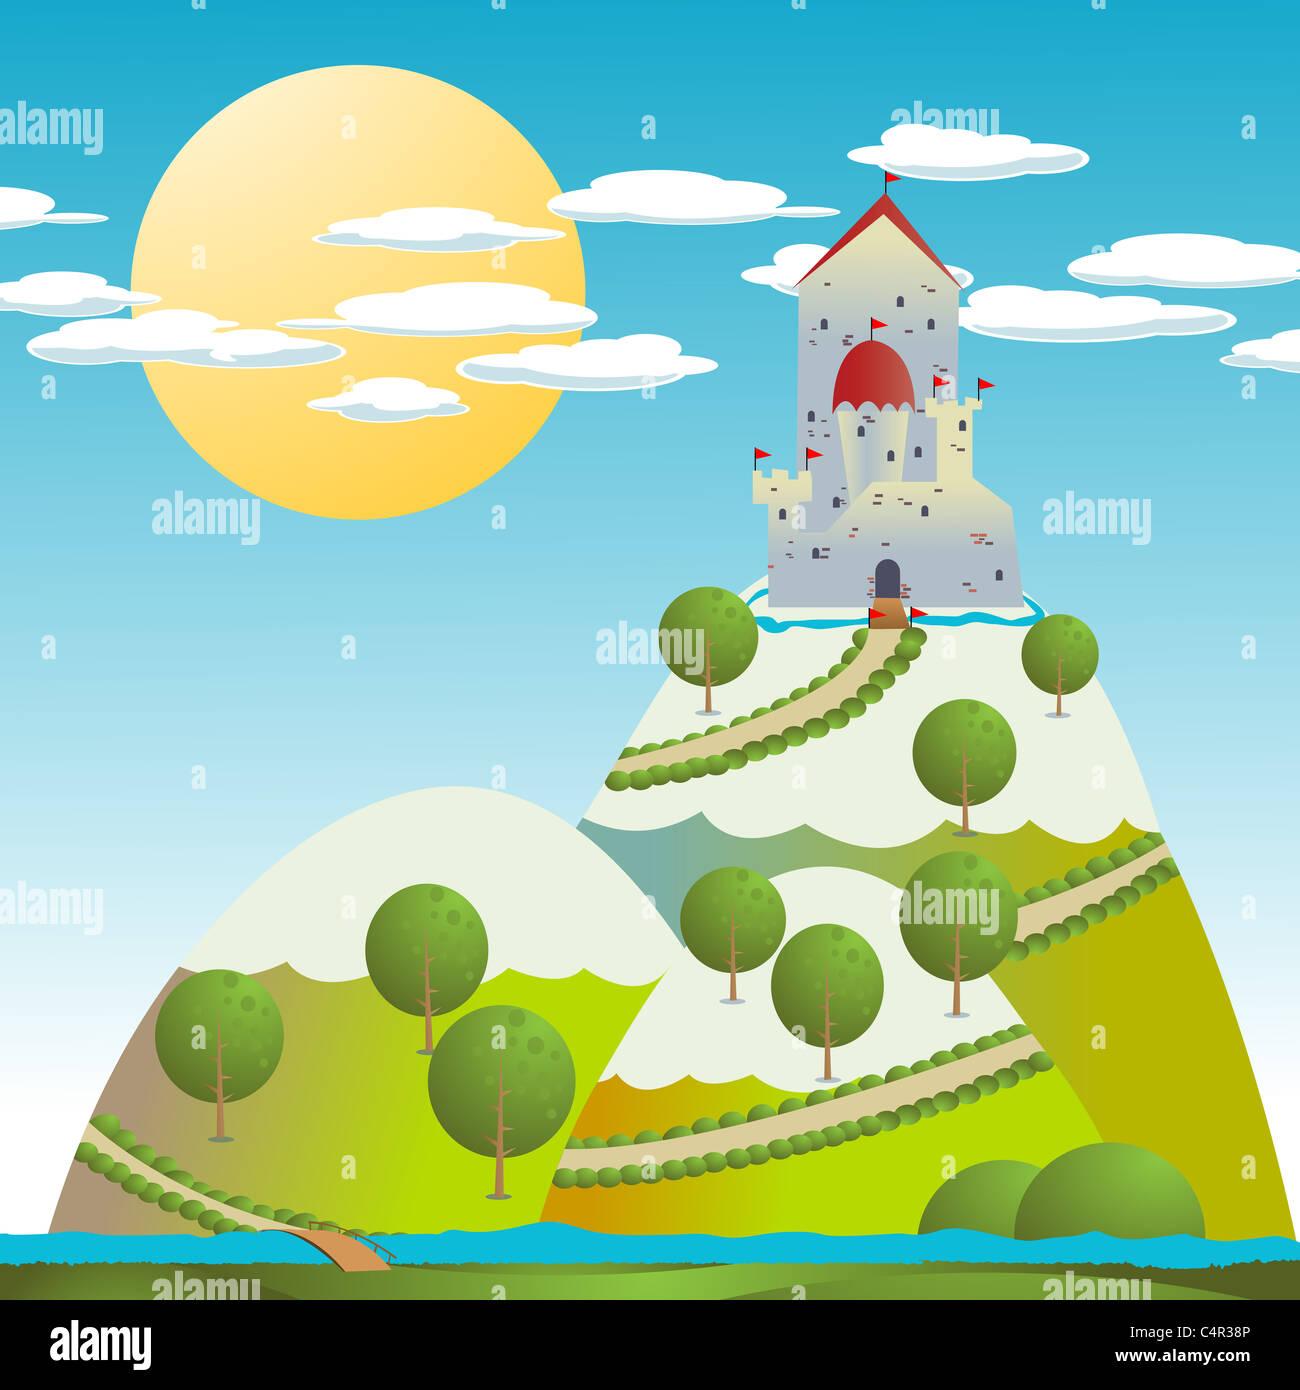 Cartoon-Hintergrund mit einer mittelalterlichen Burg Stockbild